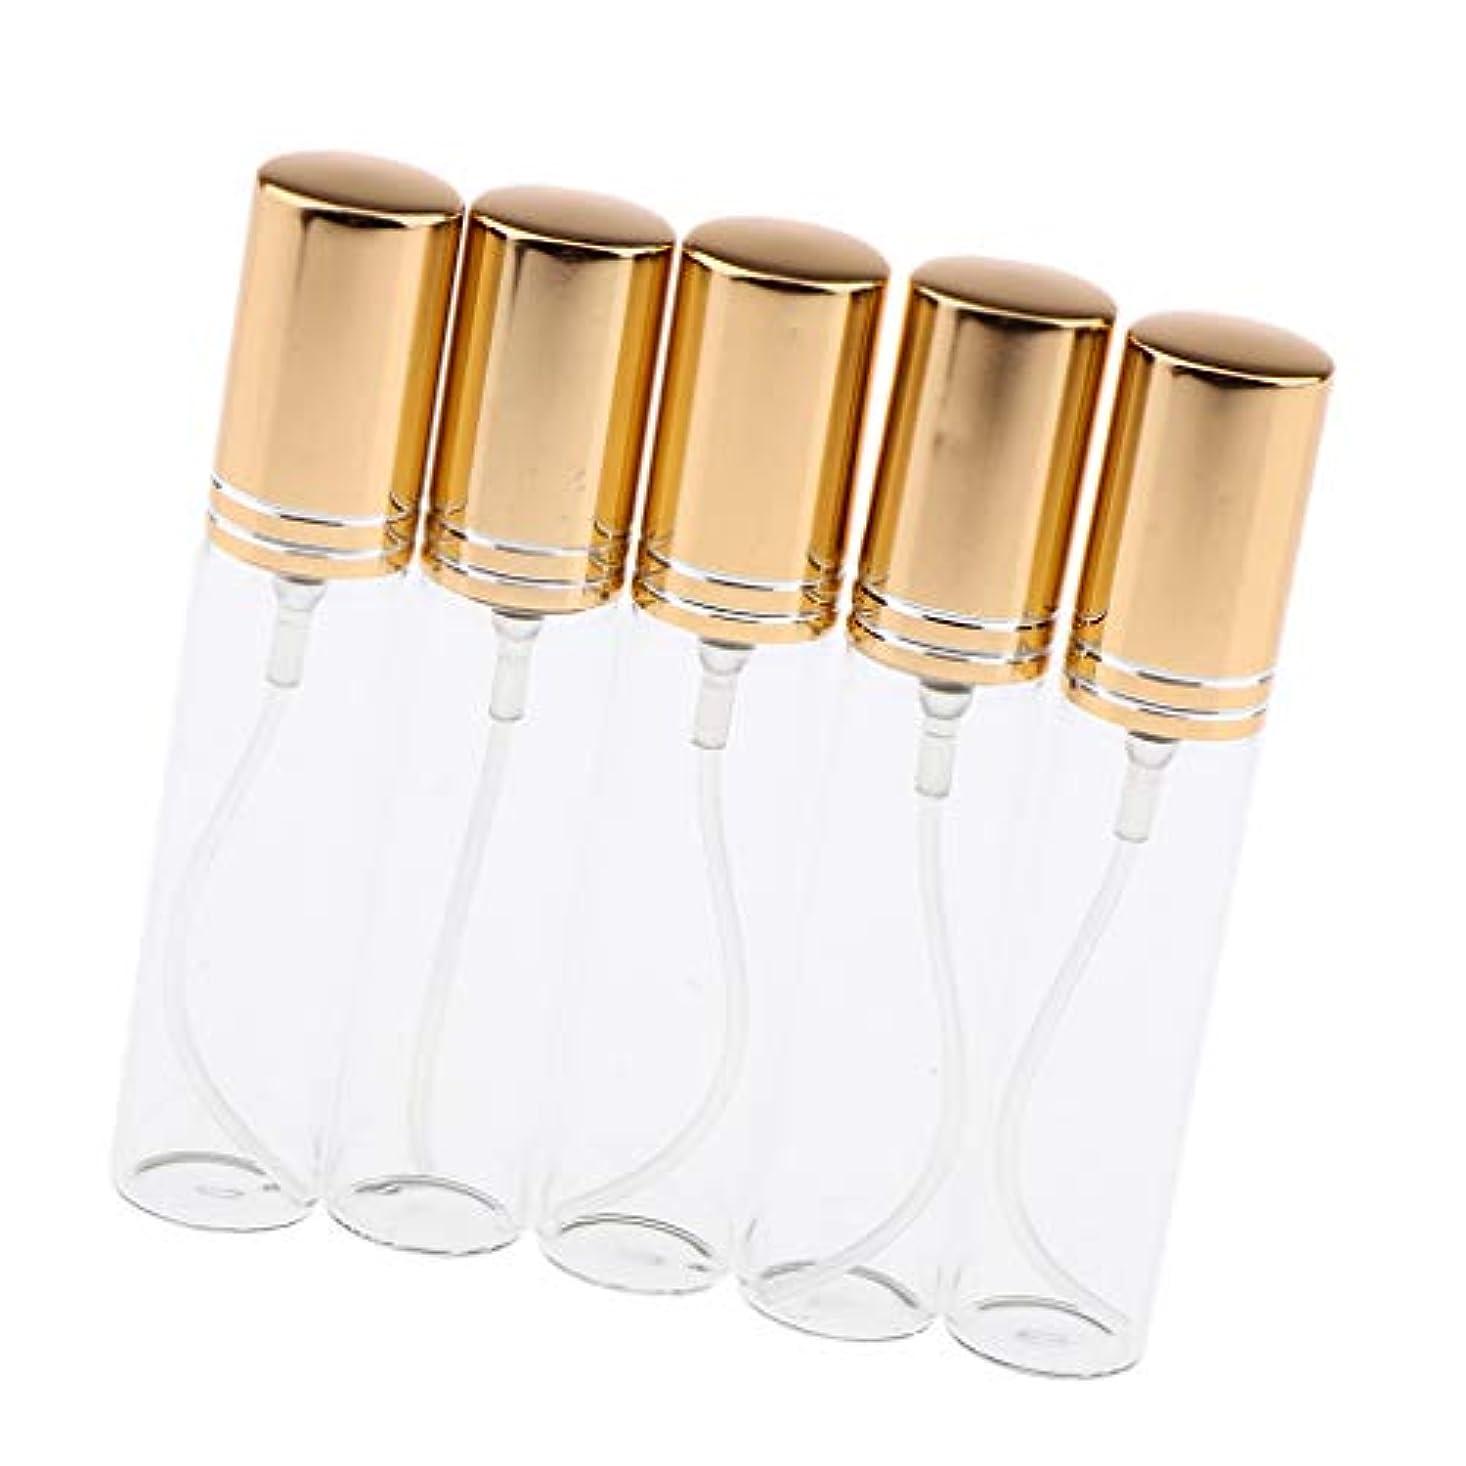 あさり裏切り者モーションPerfeclan 5個セット 詰替え容器 ガラスボトル サンプルボトル 10ミリリットル 香水スプレーボトル 全6色 - ゴールド